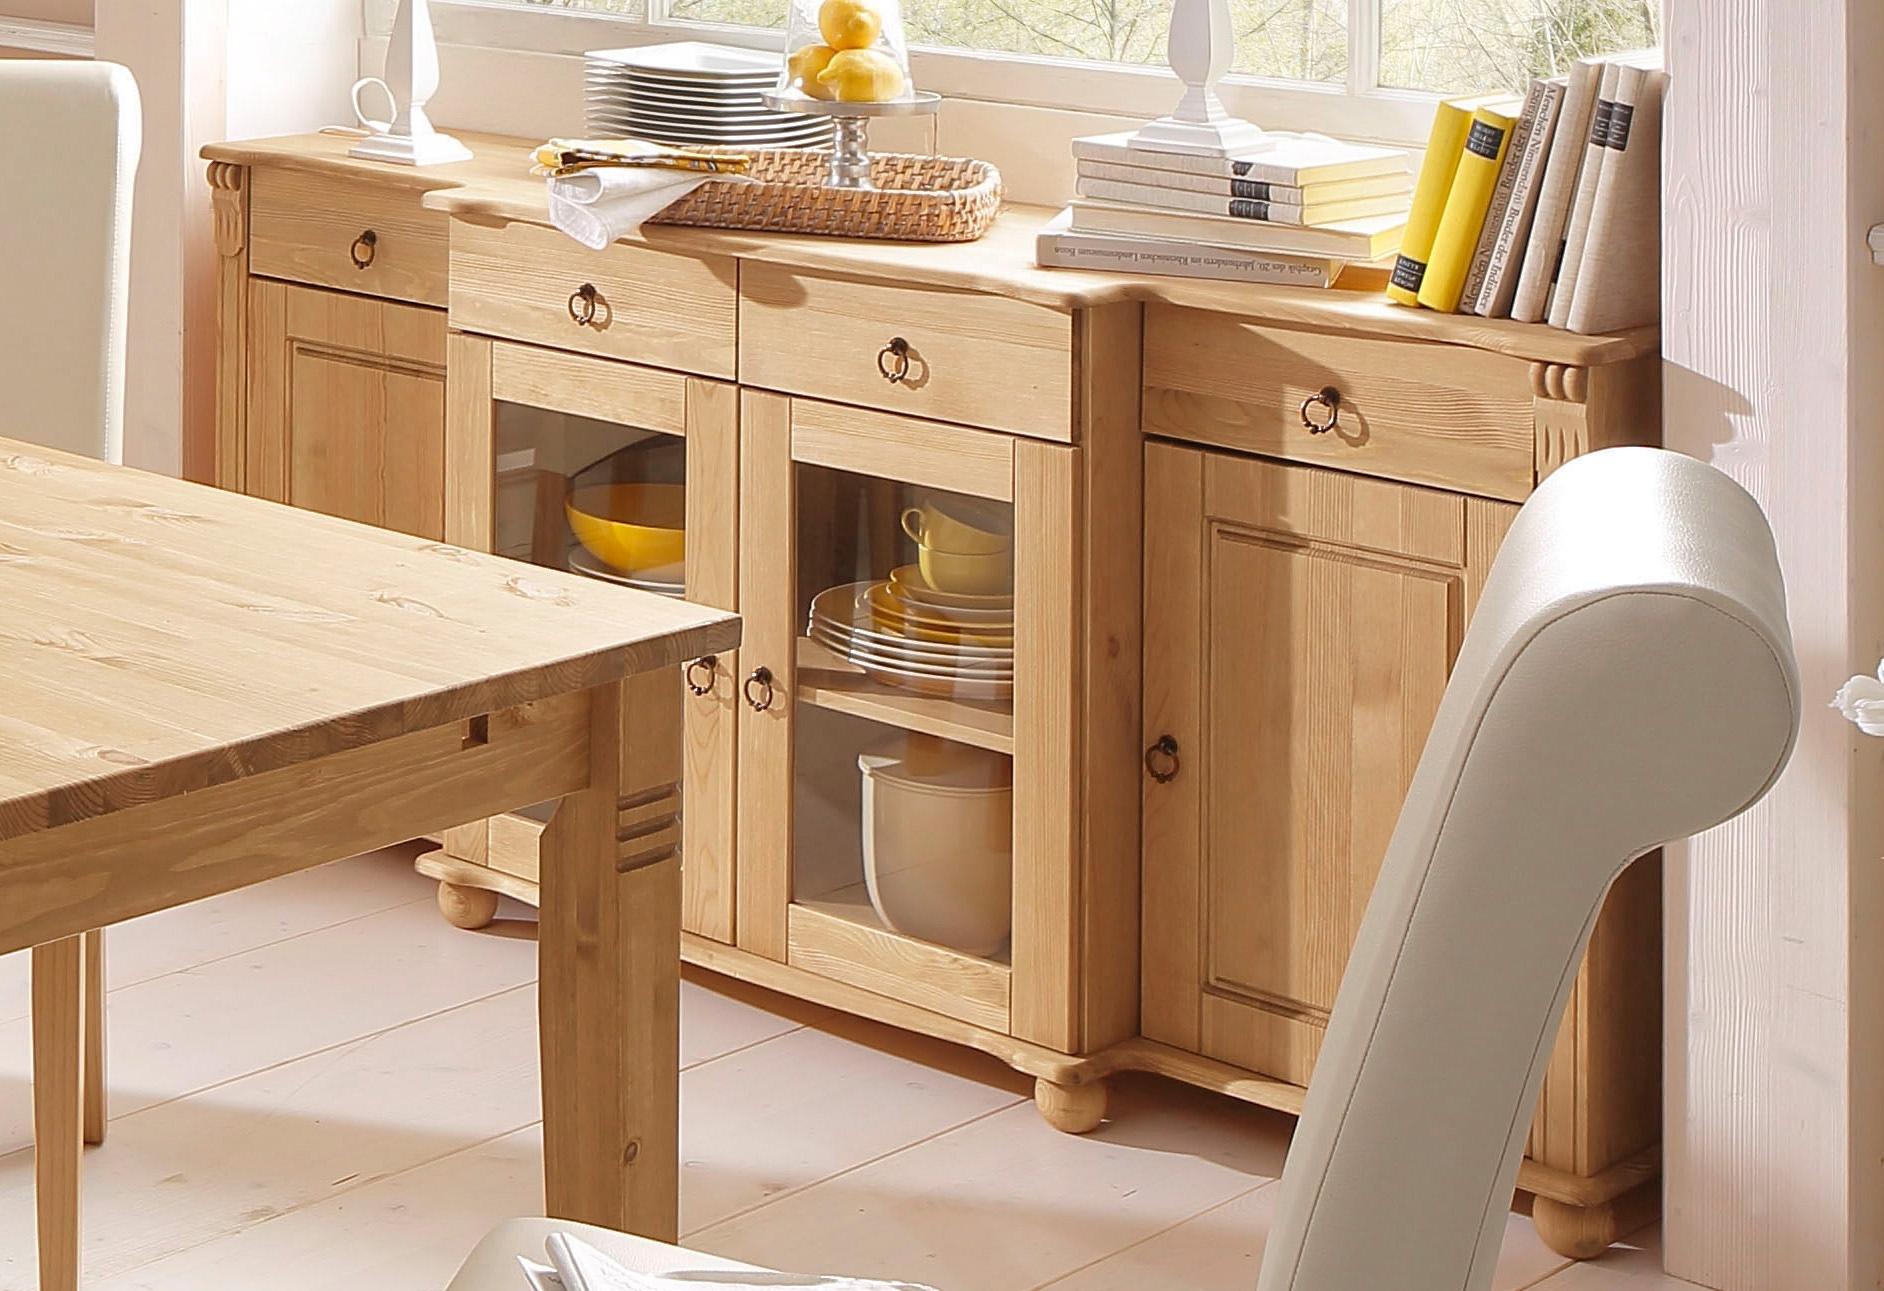 Home Affaire Sideboard Ferrera 167 cm breed bestellen: 14 dagen bedenktijd